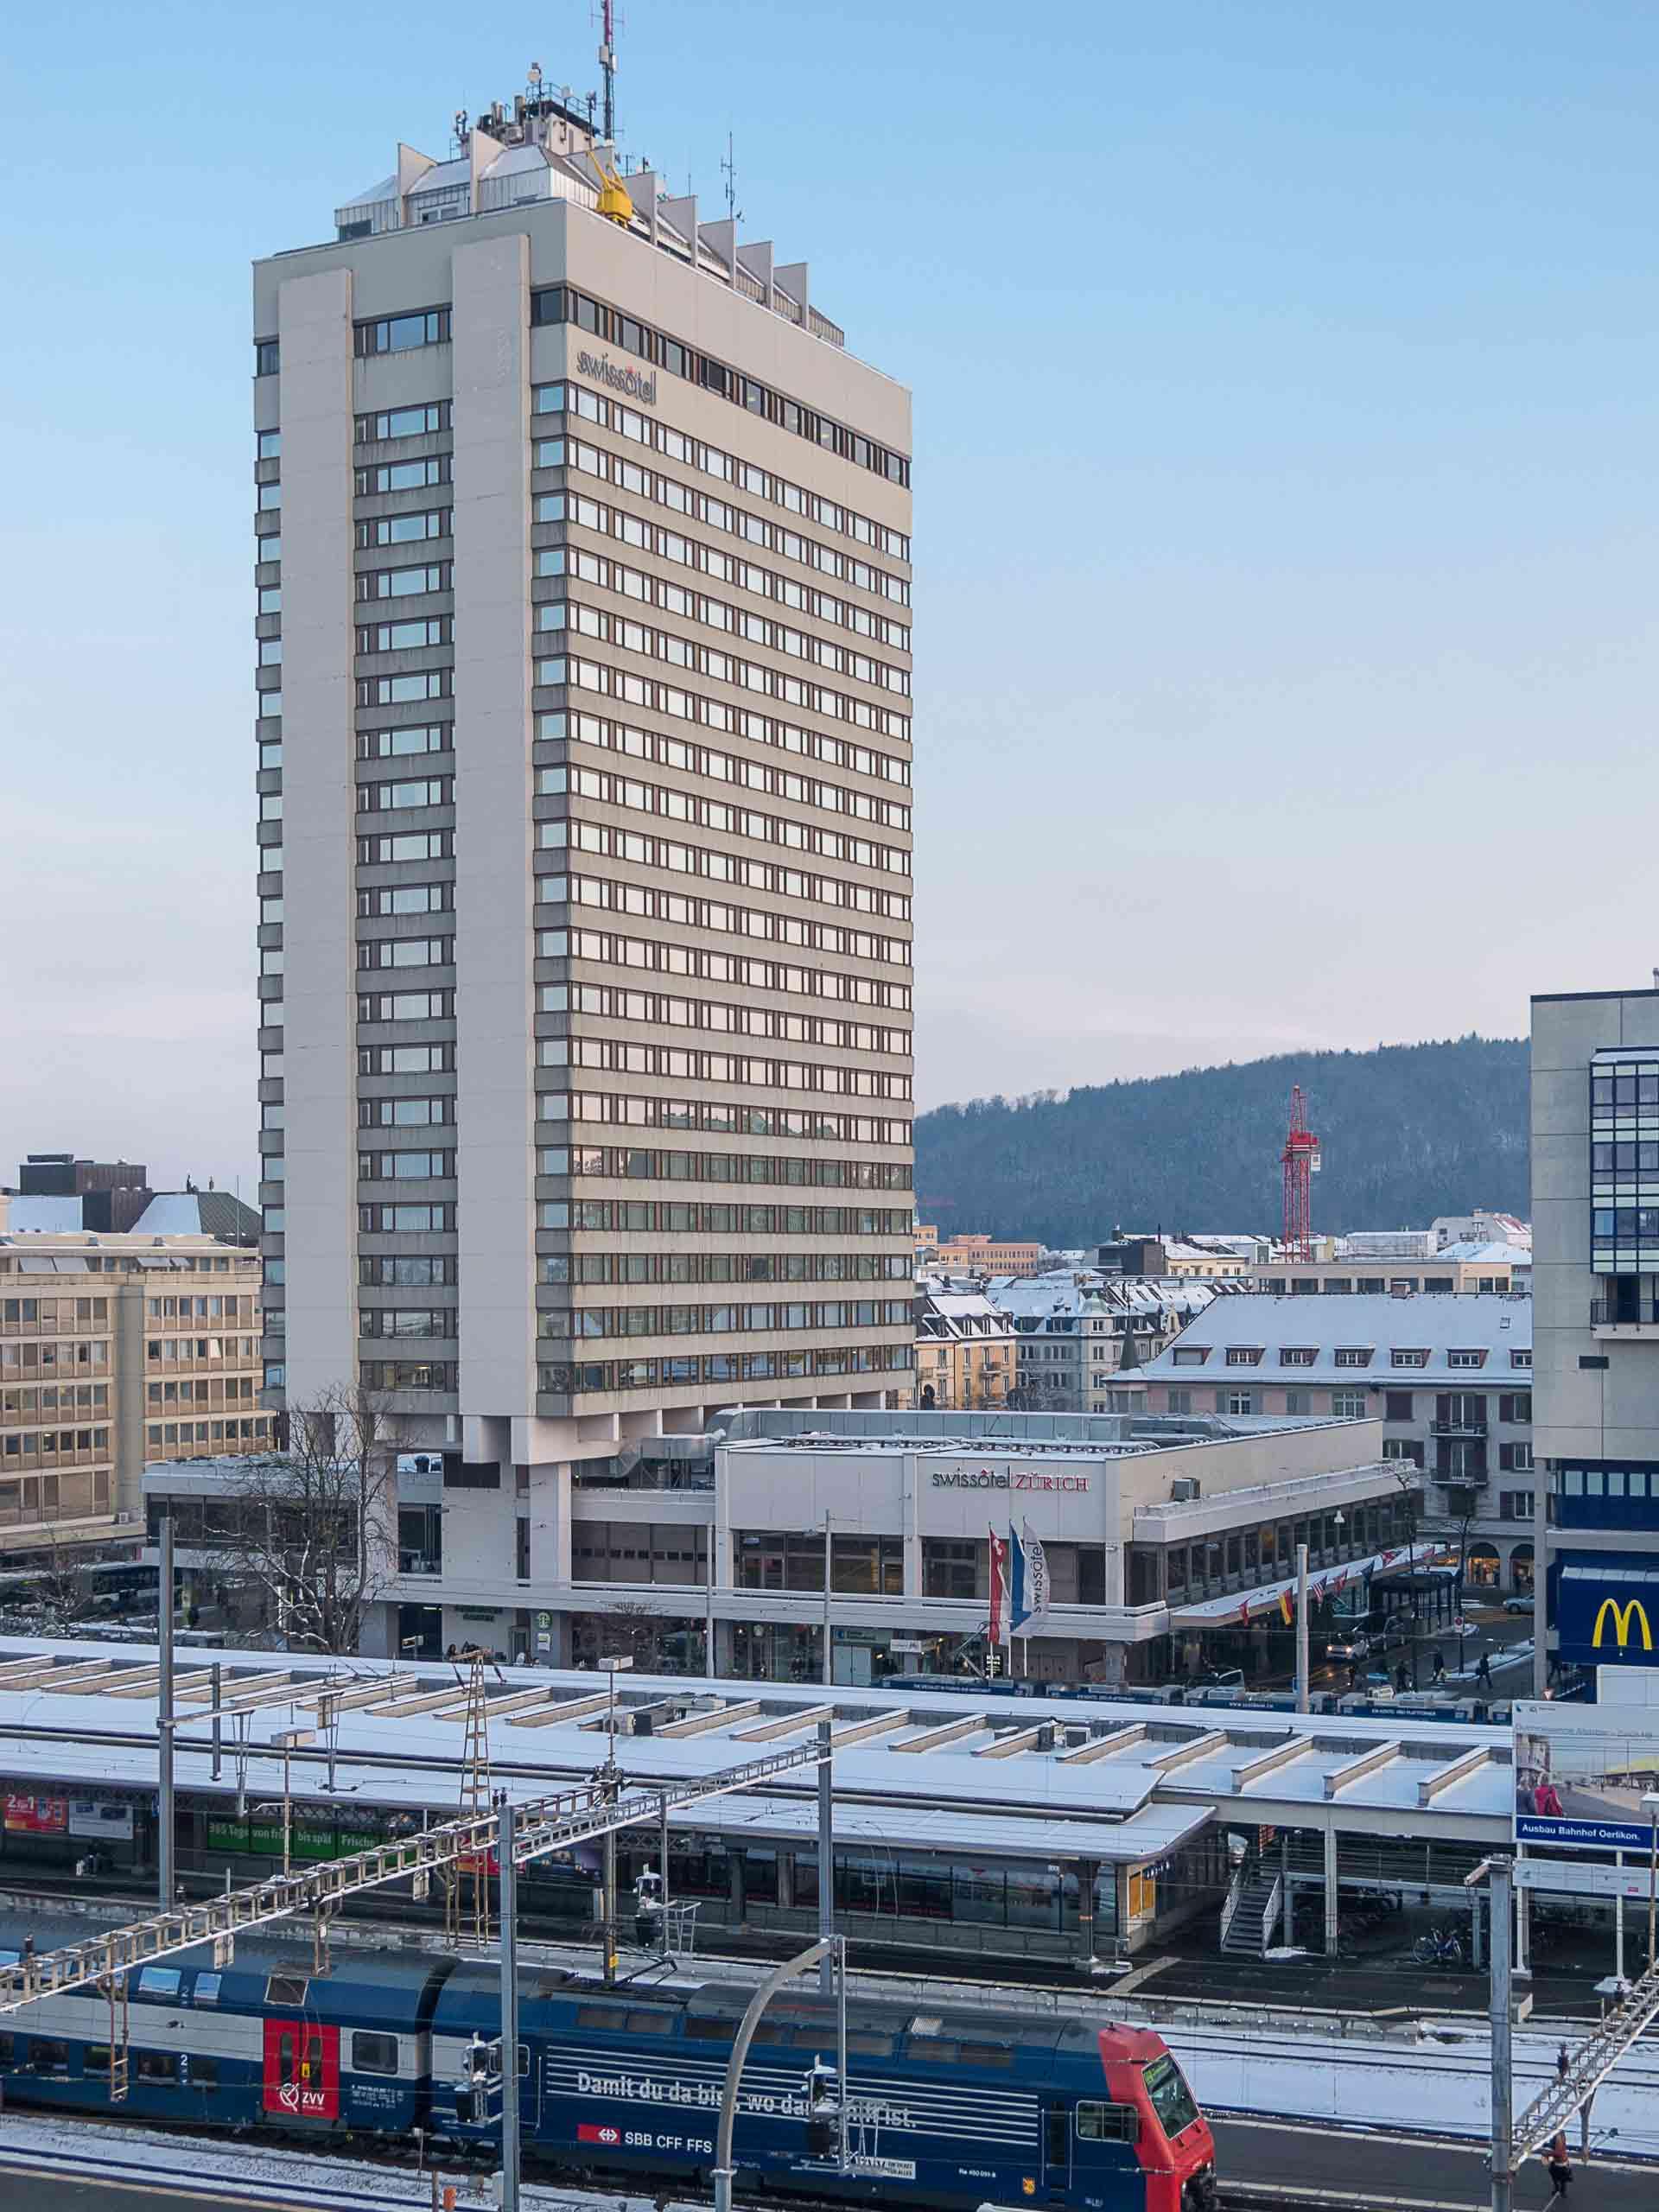 Swissotel - Zurich